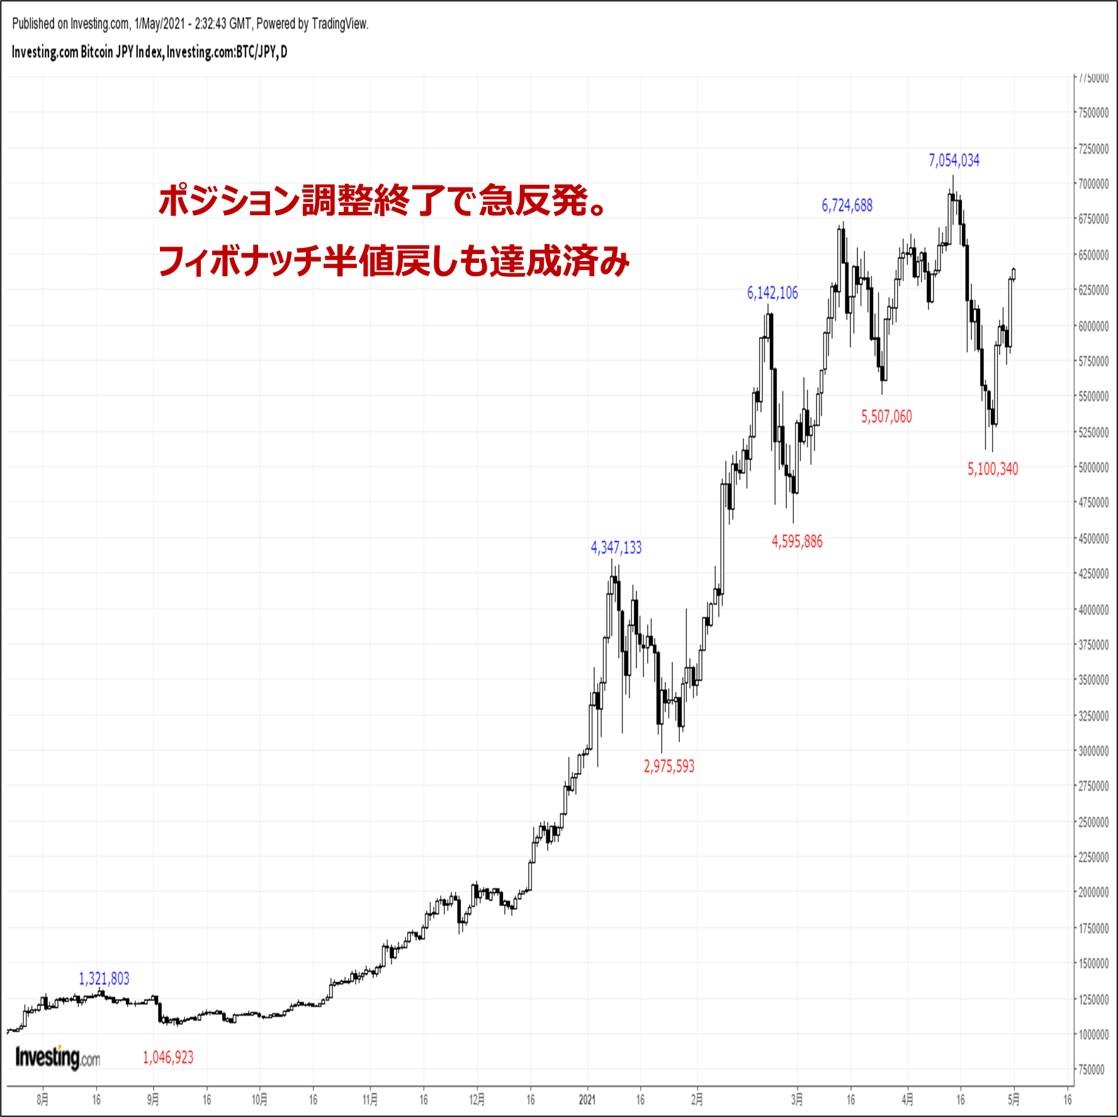 ビットコインの価格分析:『ポジション調整一服でショートカバー発生。600万円台回復』(5/1)